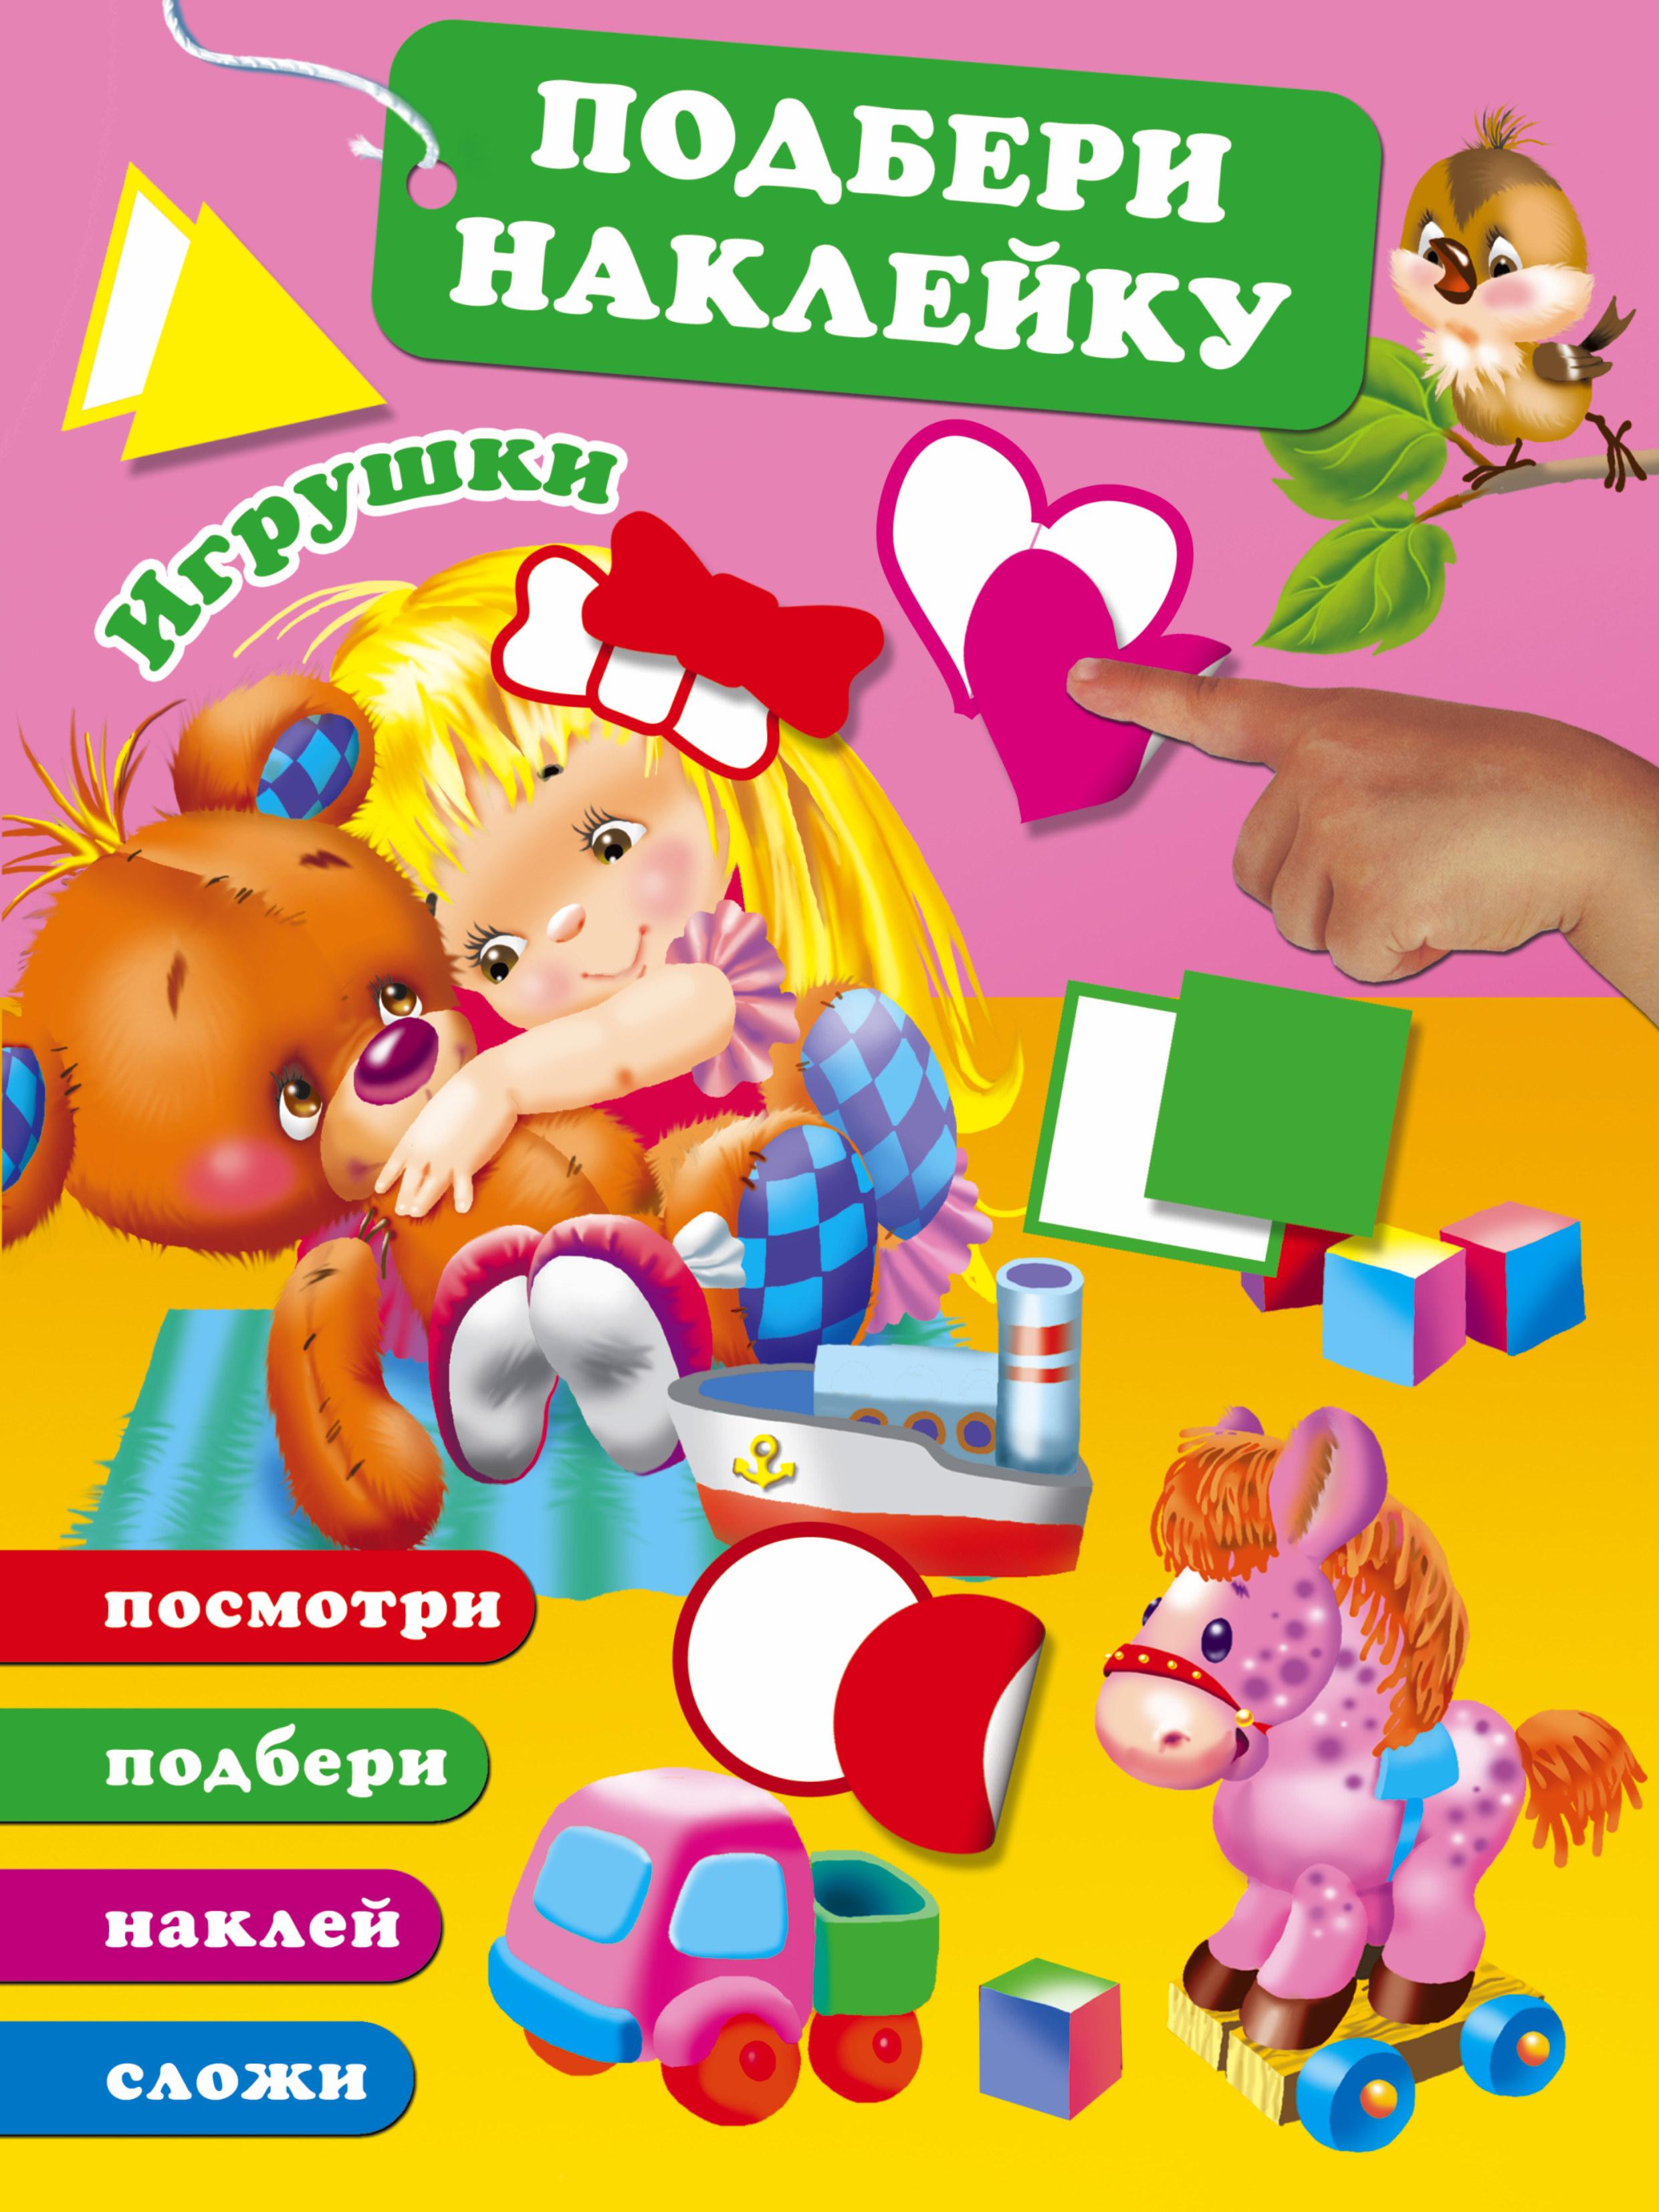 Игрушки ( Дмитриева Валентина Геннадьевна  )